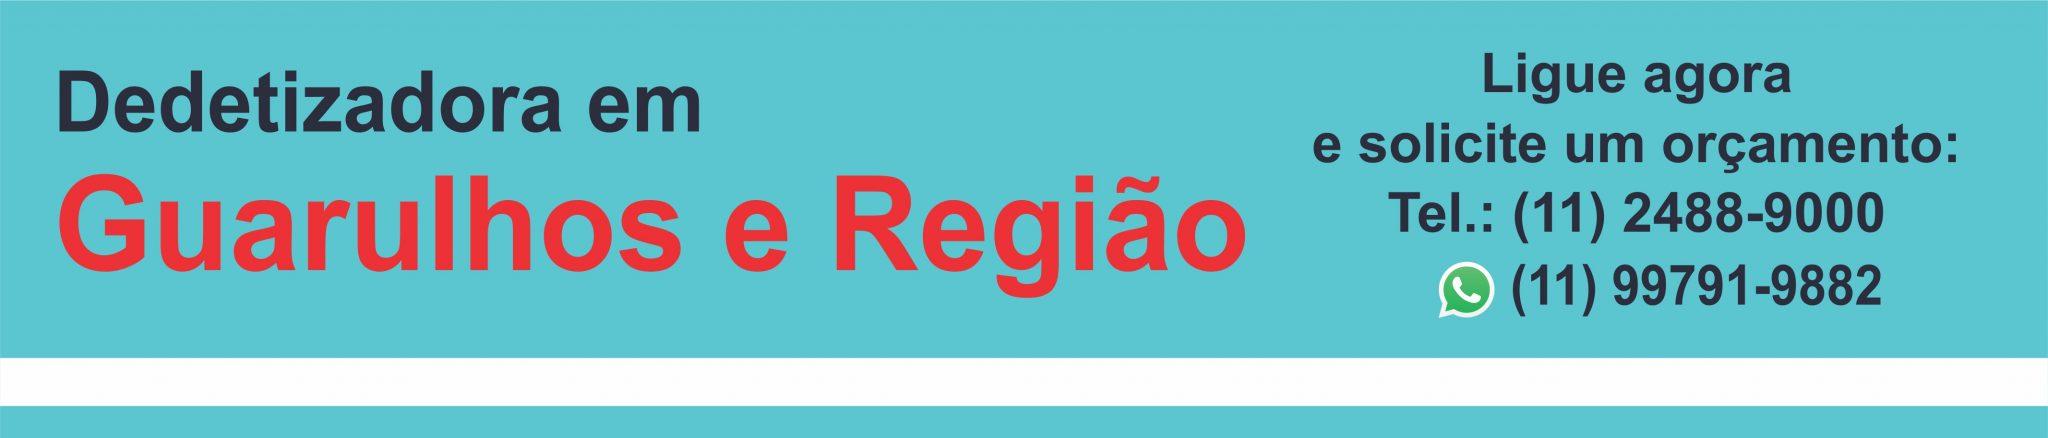 Dedetizadora em Guarulhos Logo